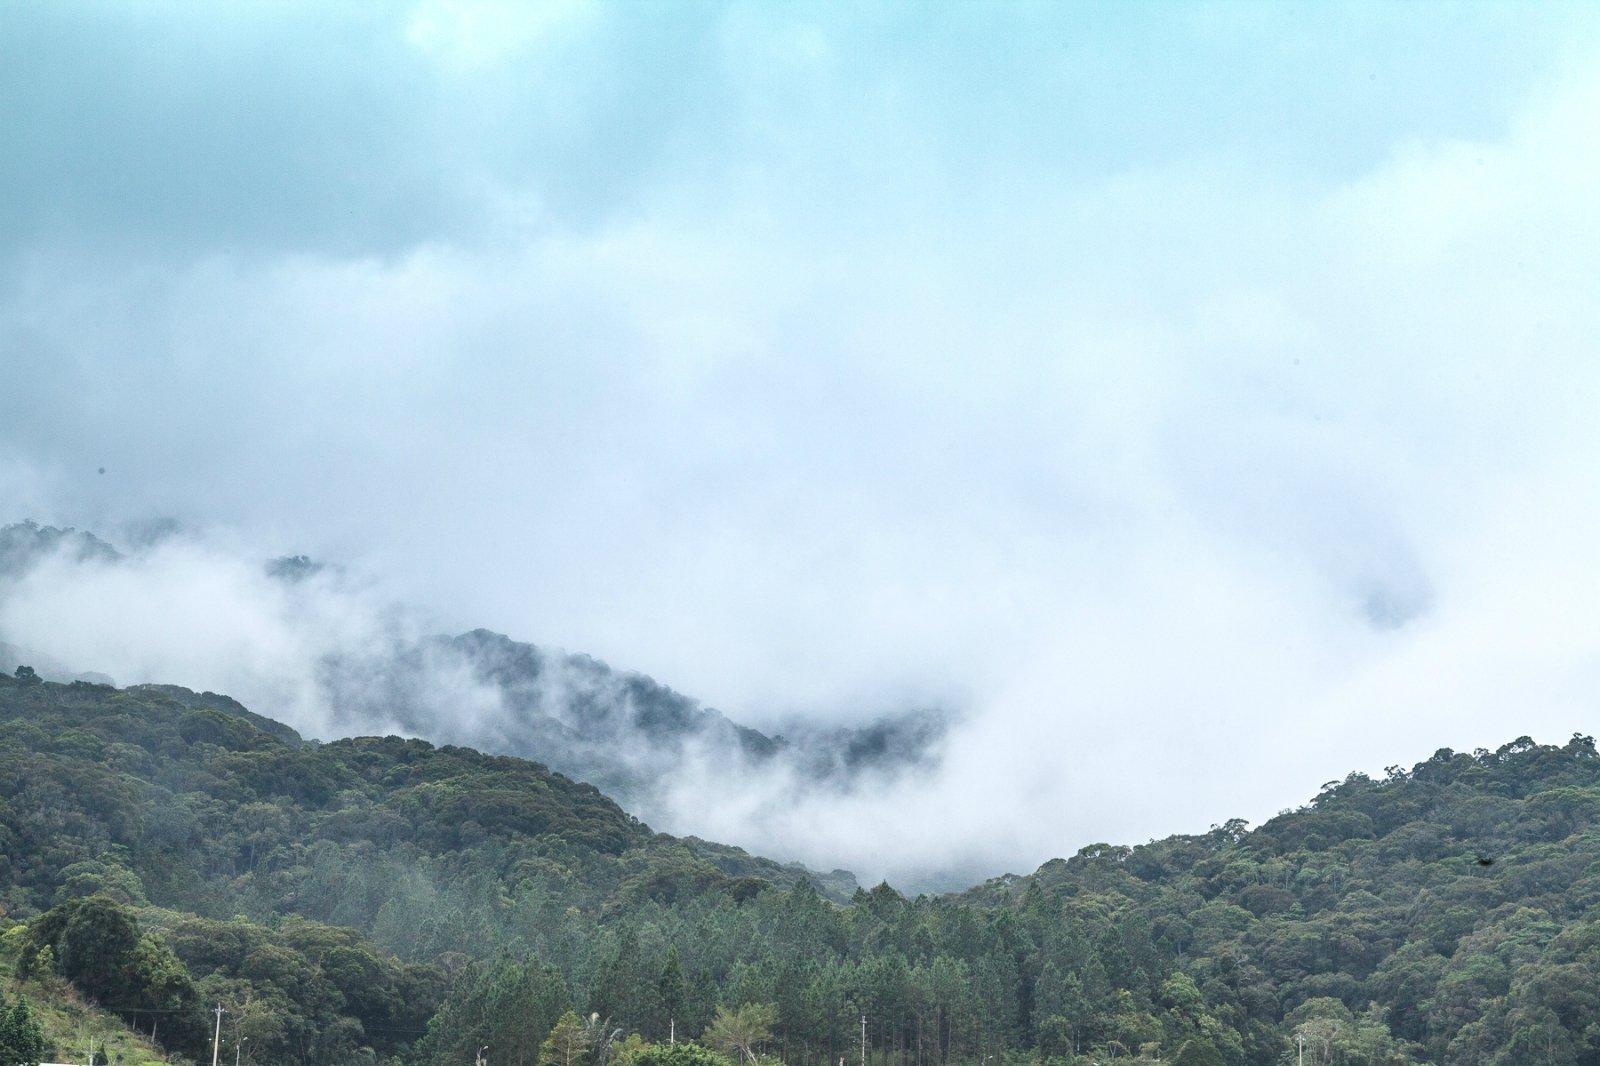 氤氲弥漫中的尖峰岭国家森林公园